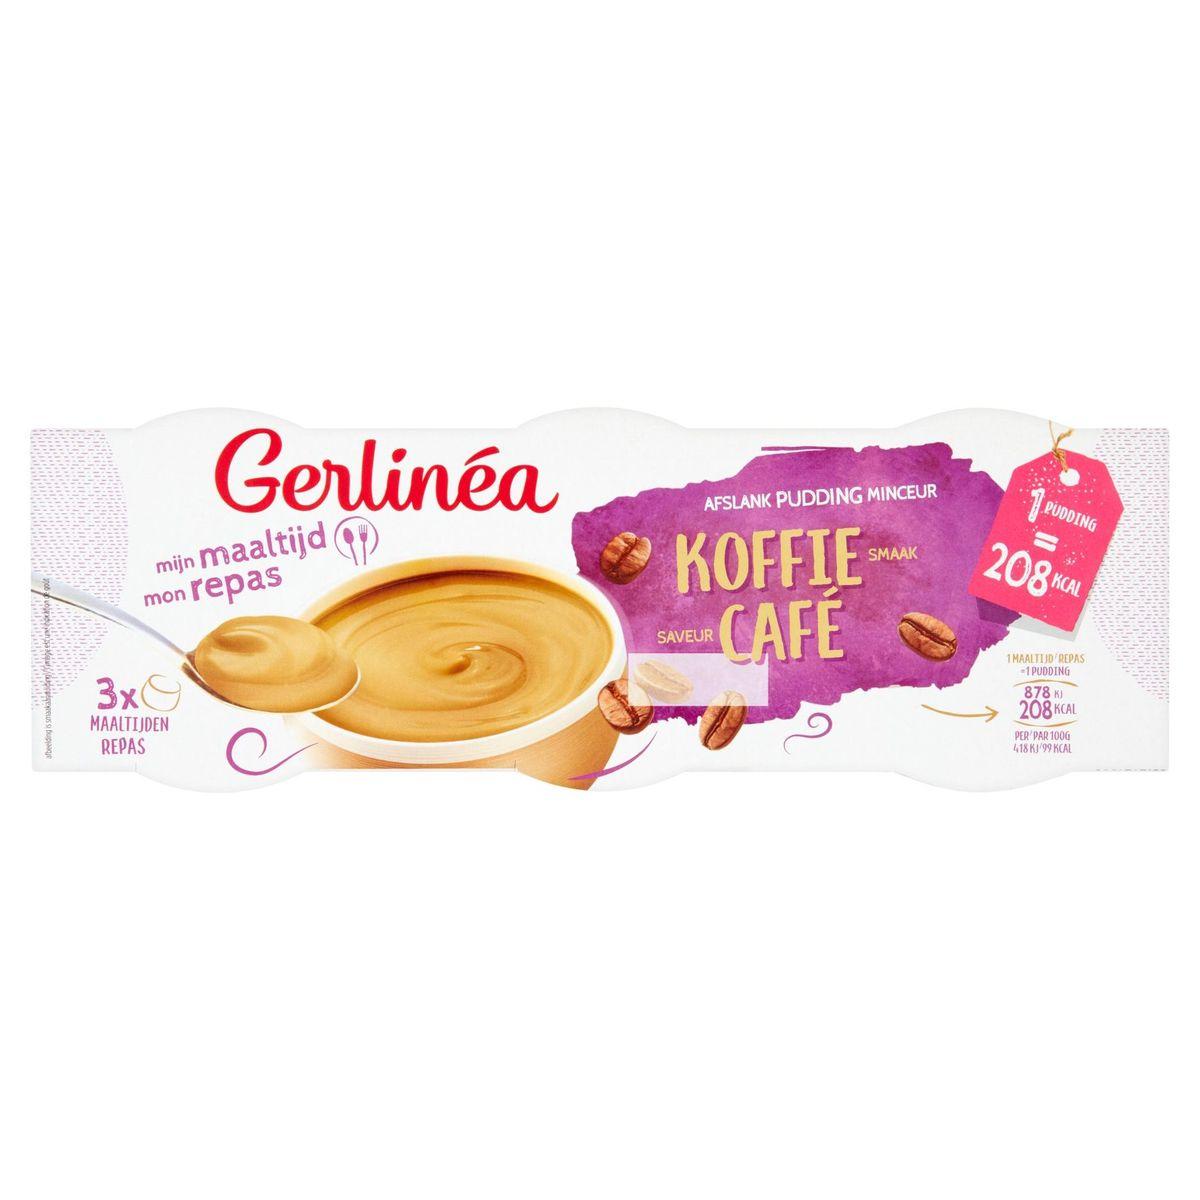 Gerlinéa Mon Repas Pudding Minceur Saveur Café 3 x 210 g